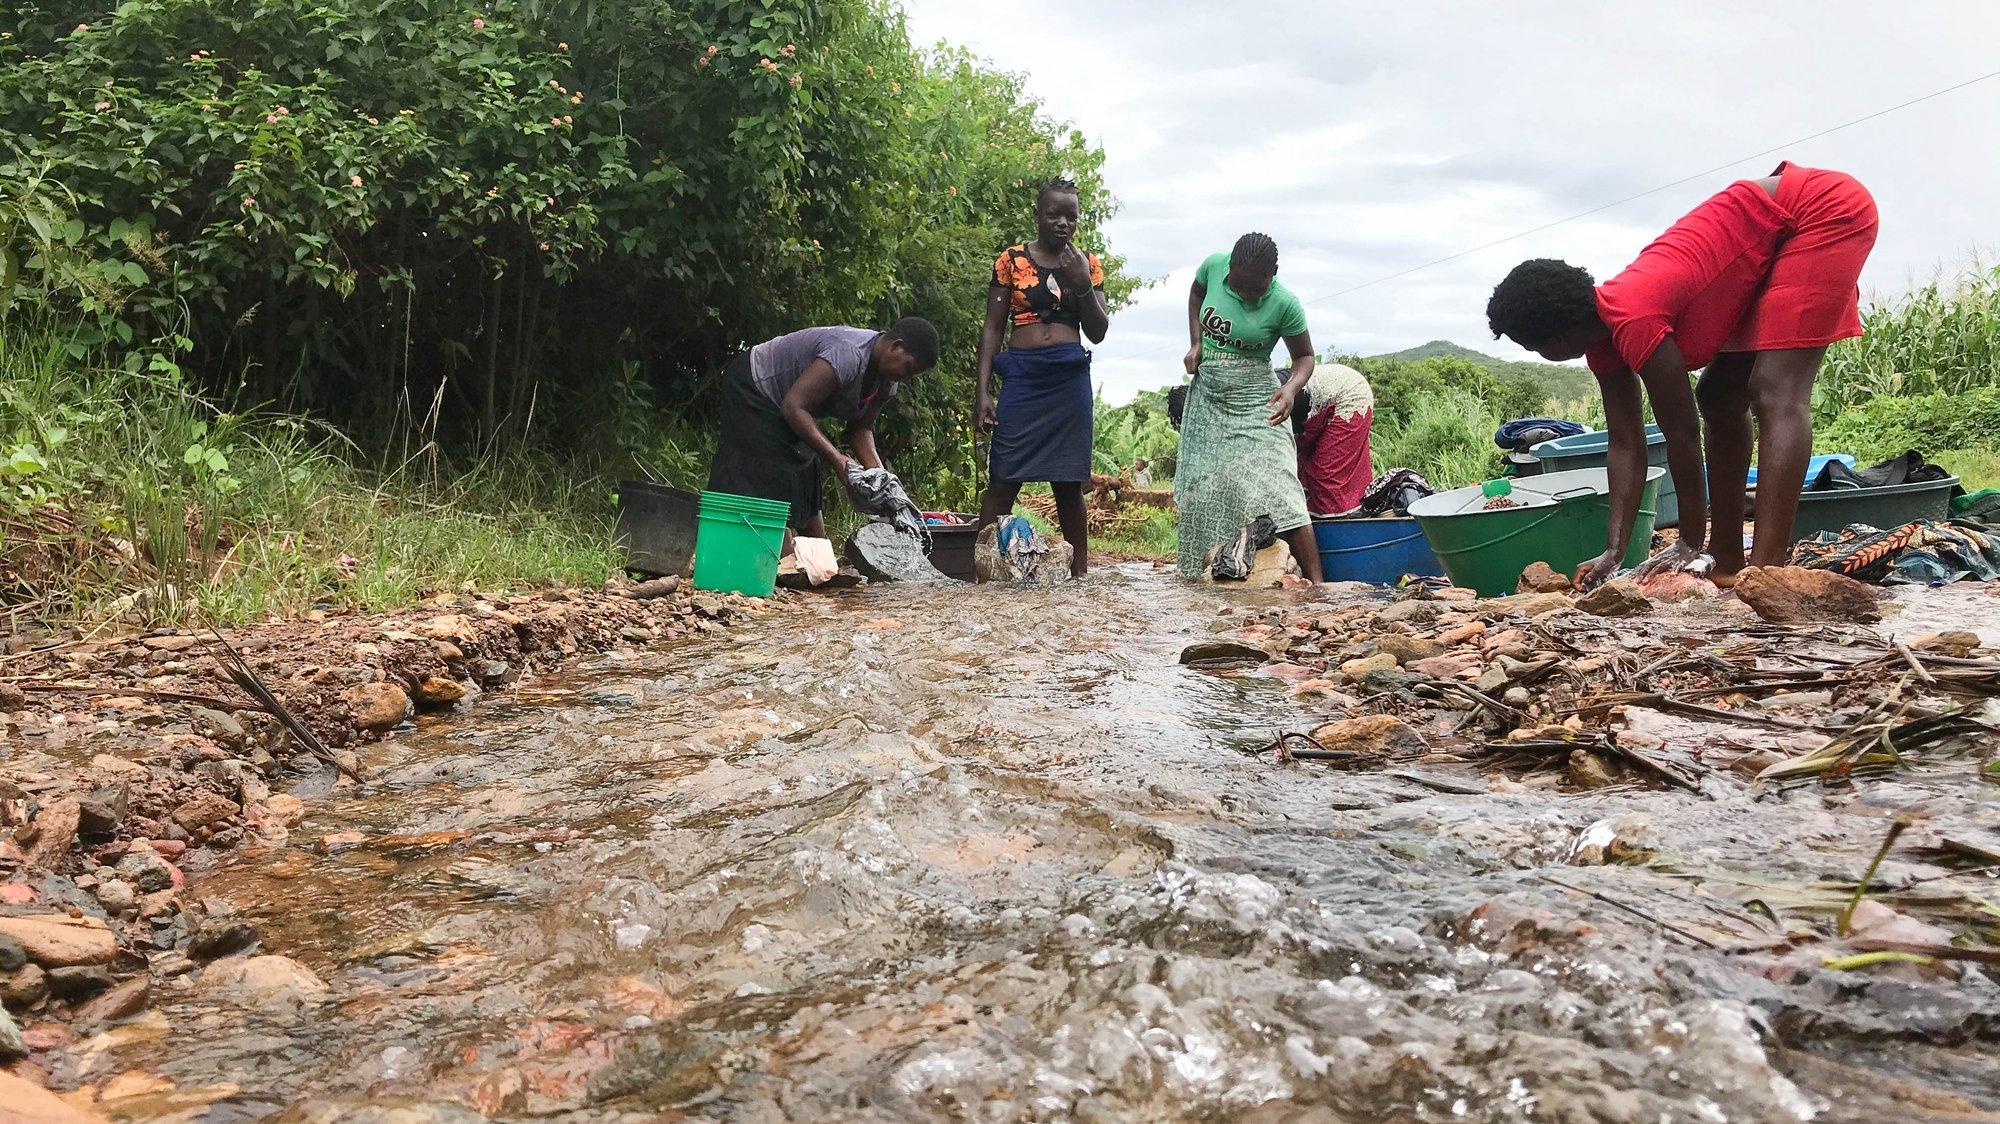 Mulheres lavam a roupa num ribeiro no distrito de Manica, Moçambique, 26 de fevereiro de 2021. Um total de 92 crianças foram identificadas pelos 114 Comités Comunitários de Proteção a Criança, criados pela Save The Children, como estando em situação de risco de uniões prematuras em 2020 nos distritos de Manica, Machaze, Macossa e Tambara, tendo 47 sido resgatadas. (ACOMPANHA TEXTO DA LUSA DO DIA 02 DE MARÇO DE 2021). ANDRÉ CATUEIRA/LUSA